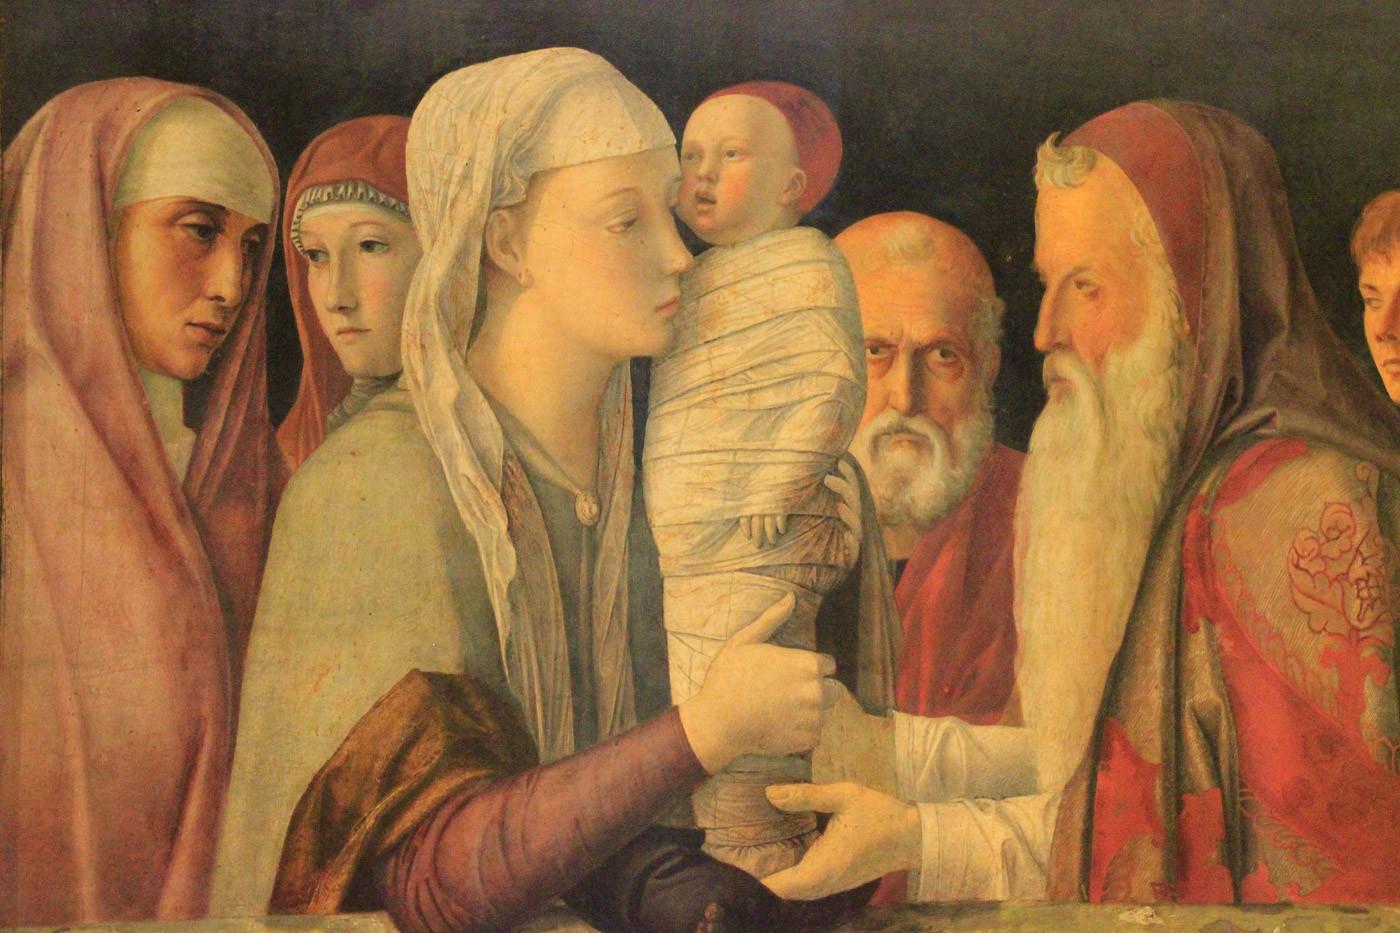 Presentación de Jesús en el Templo de Giovanni Bellini